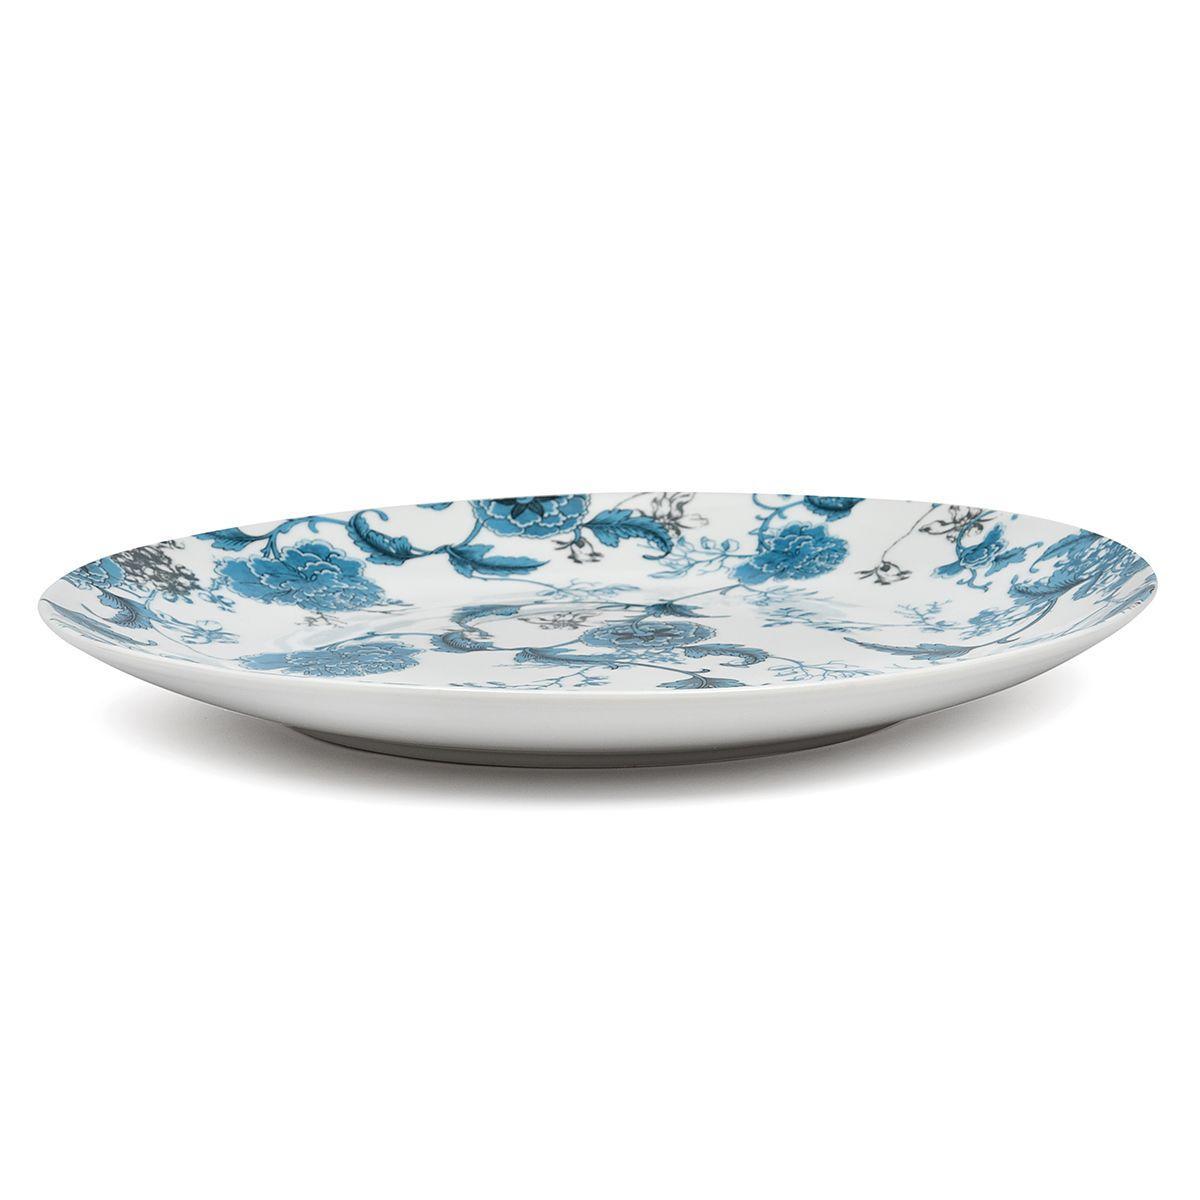 """Круглое сервировочное блюдо с растительным орнаментом в голубых тонах """"Лазурный дракон""""  - фото"""